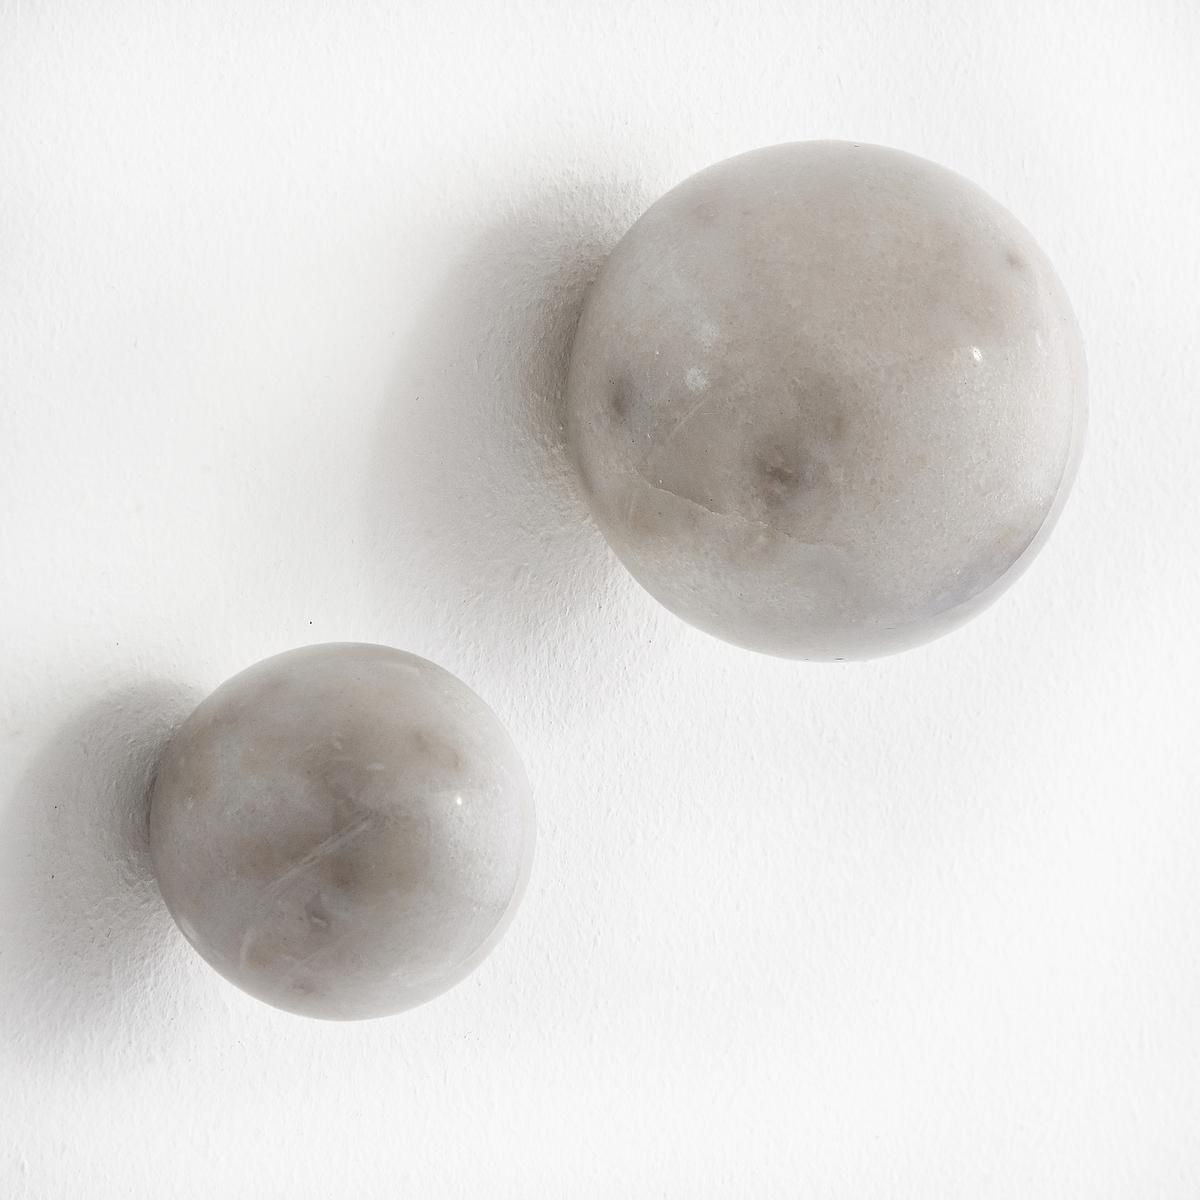 2 вешалки мраморные AmericiКомплект из 2 вешалок Americi. Два строгих и элегантных мраморных шара, на которые можно повесить Вашу одежду. - Шурупы и дюбеля не прилагаются.. В комплекте 2 размера: ?5 см и ?7 см.<br><br>Цвет: белый мрамор